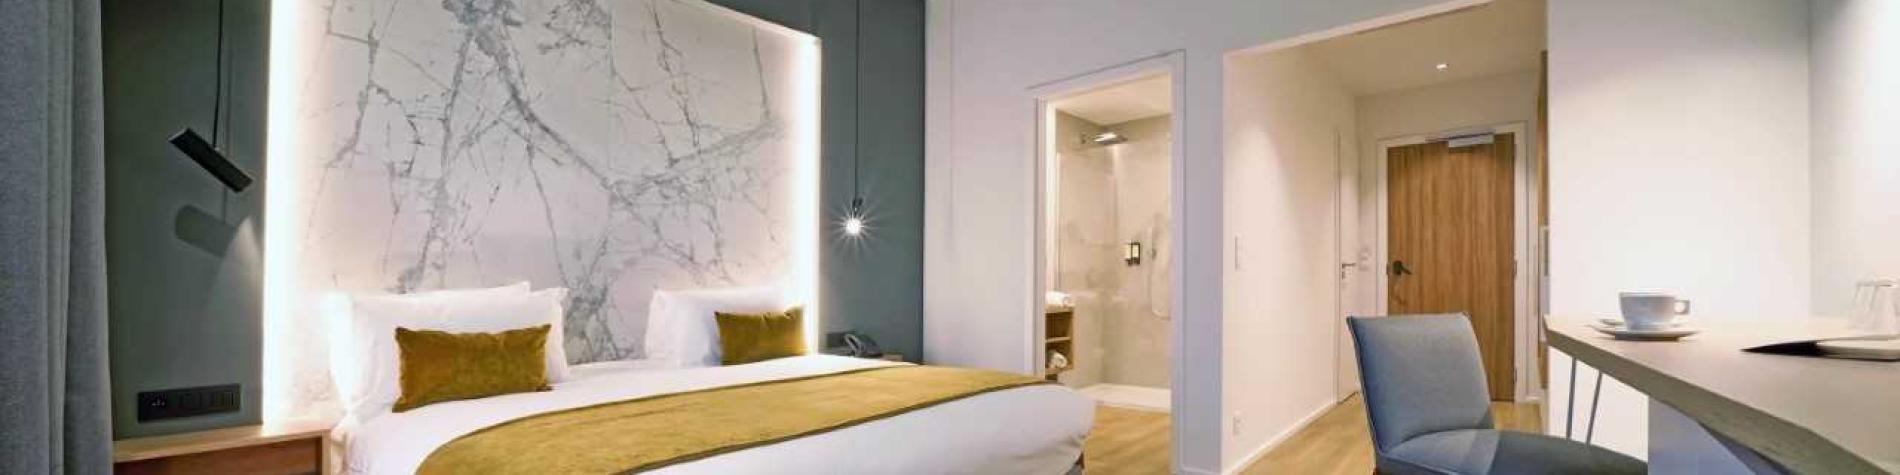 MY Hotel by Intermills - Malmedy